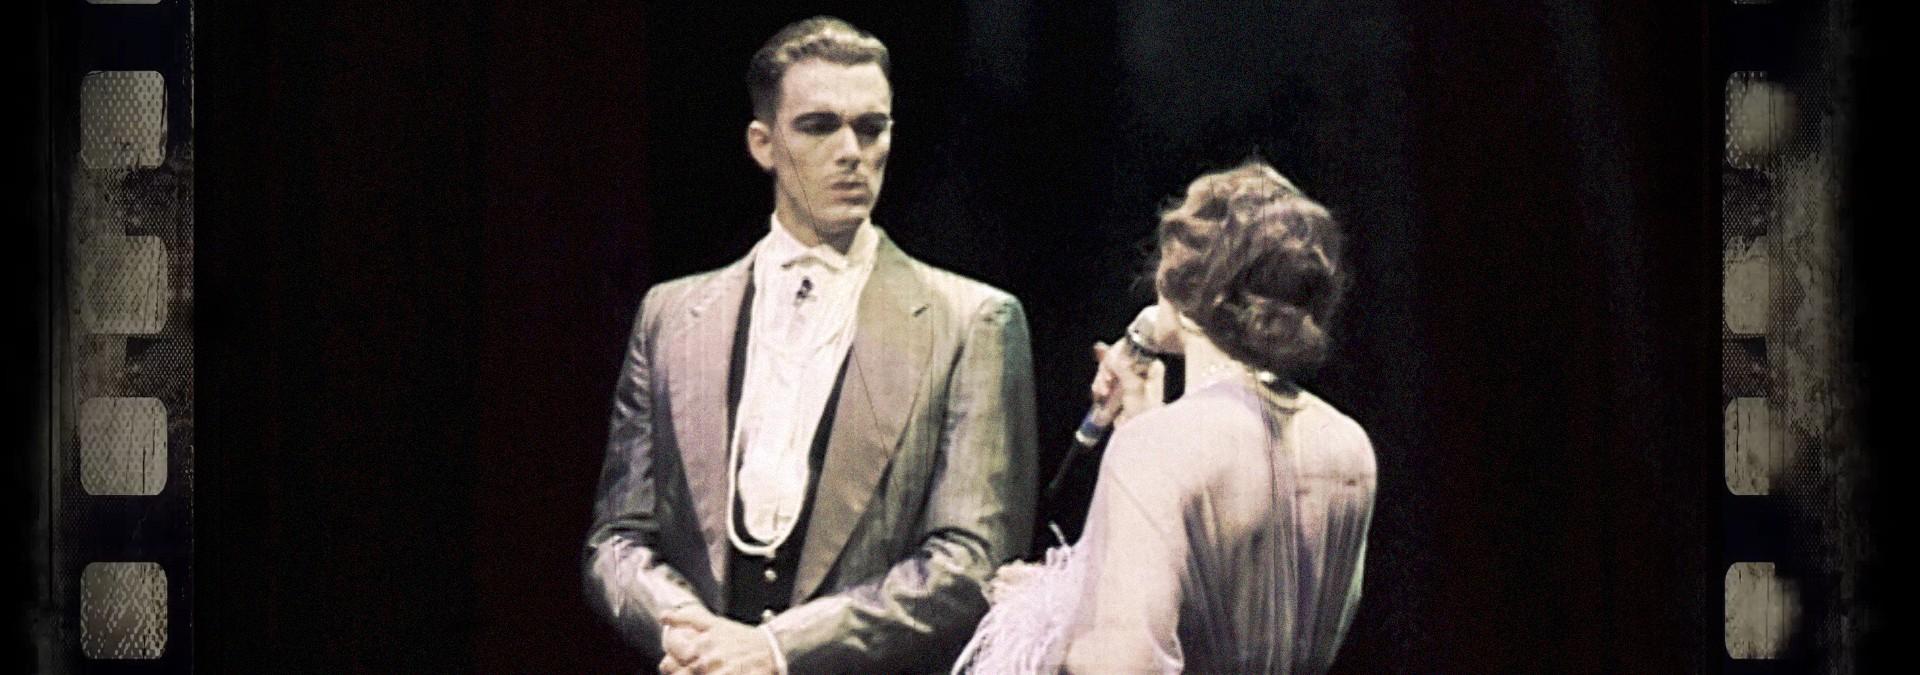 1925 - die 20er Jahre Revue